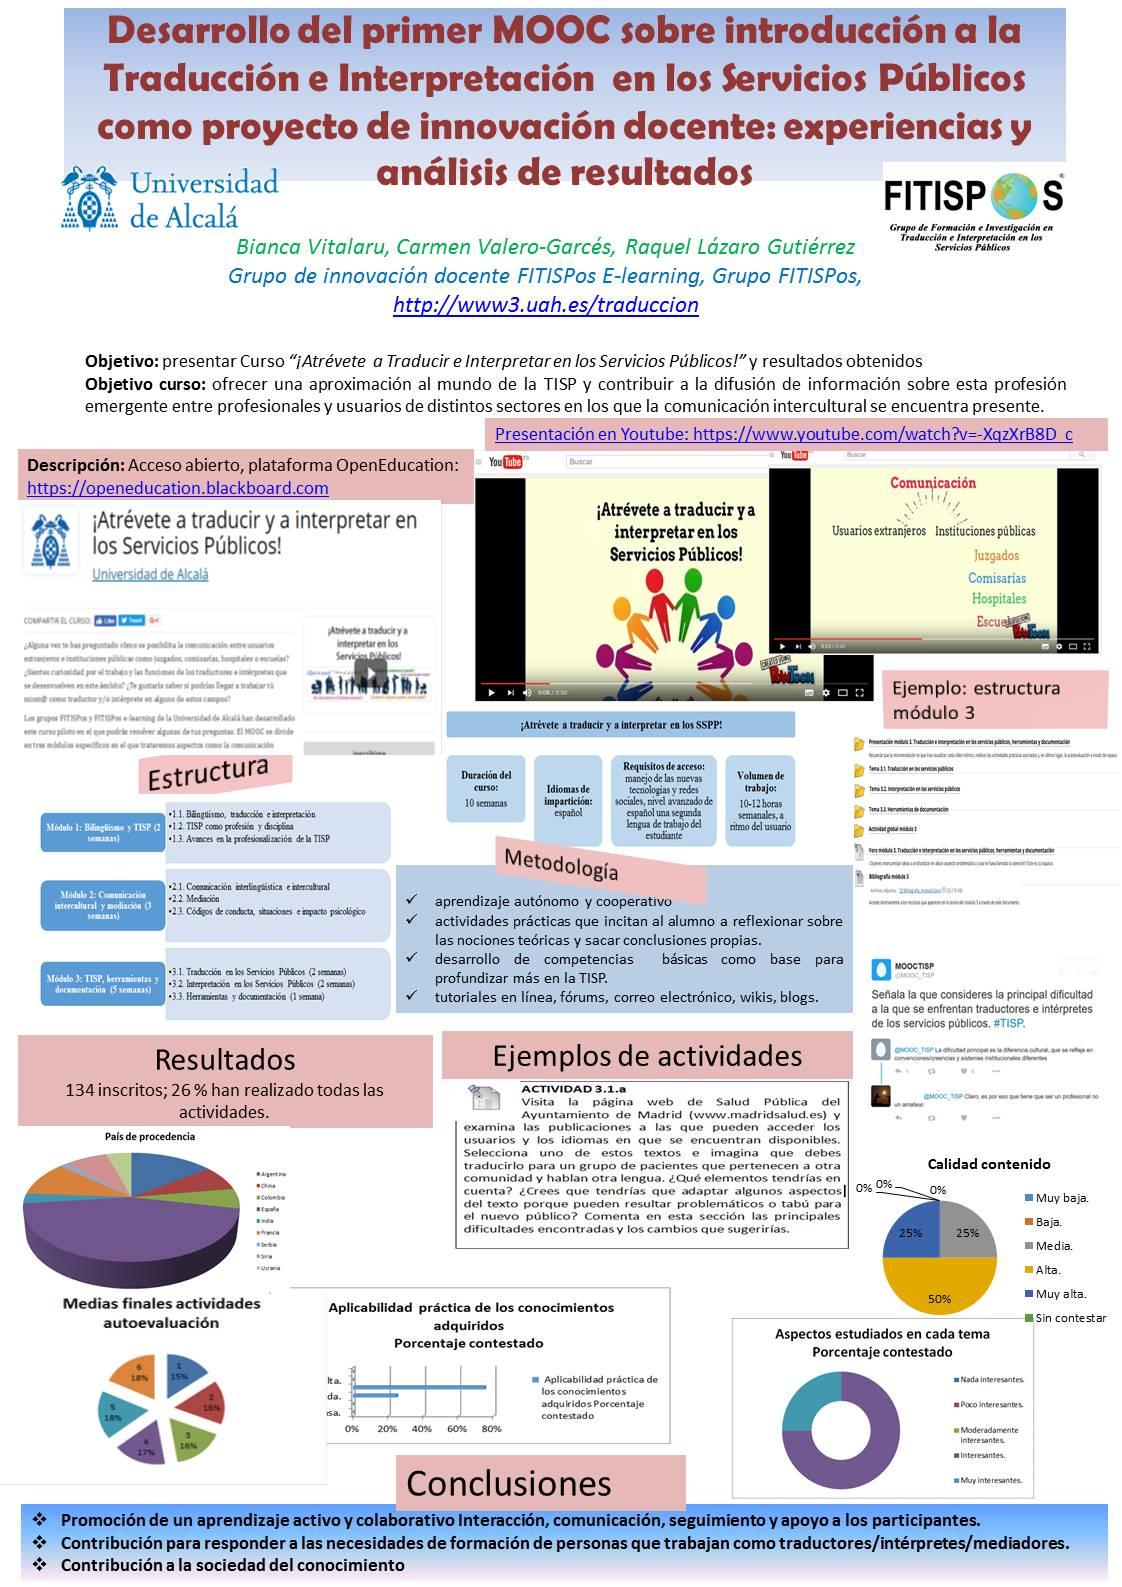 Desarrollo del primer MOOC sobre introducción a la Traducción e Interpretación  en los servicios públicos como proyecto de innovación docente: experiencias y análisis de resultados